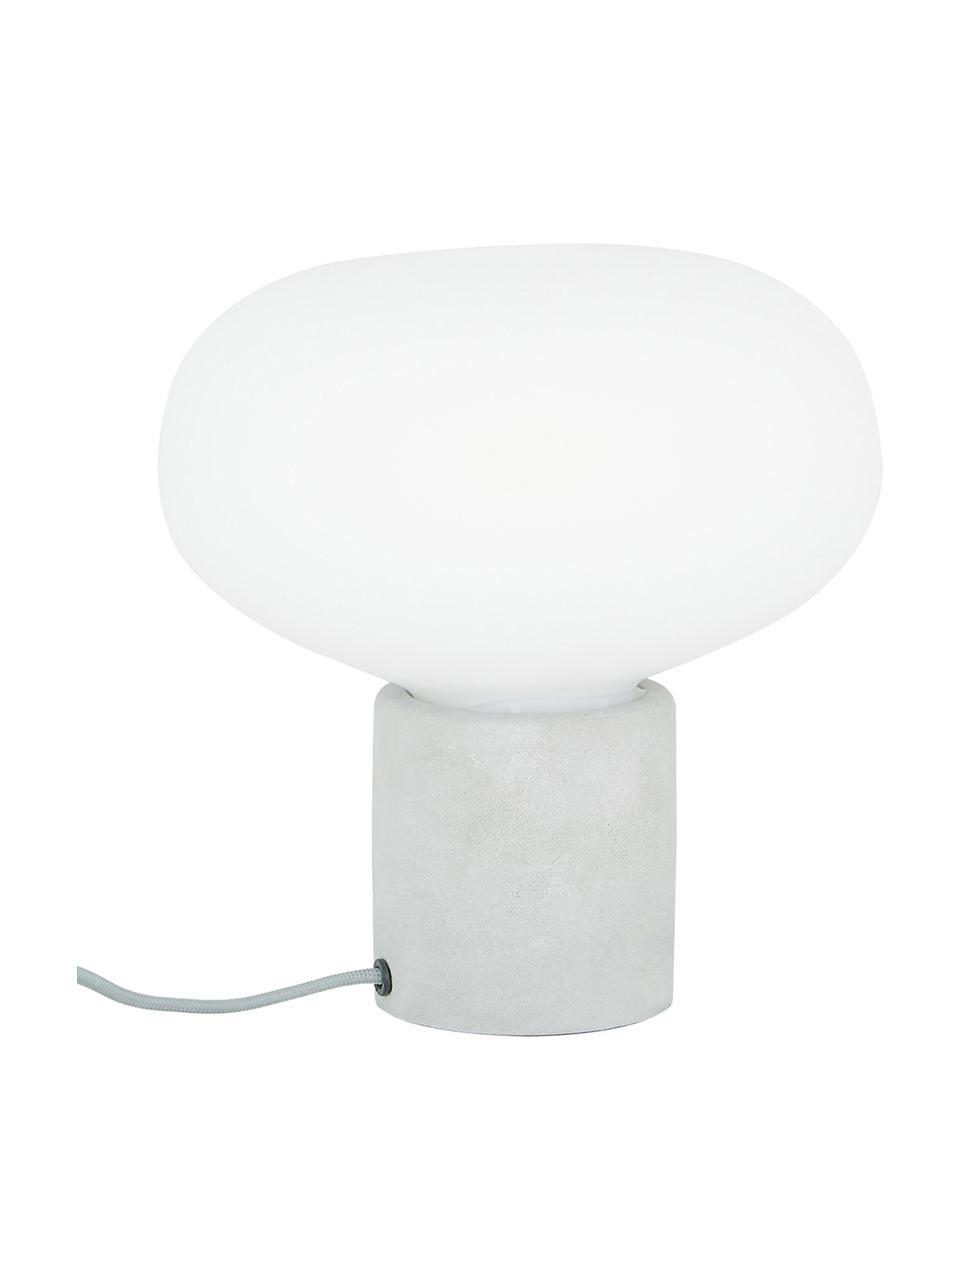 Kleine Nachttischlampe Alma mit Betonfuß, Lampenfuß: Beton, Lampenschirm: Glas, Lampenfuß: Grauer BetonLampenschirm: Weiß, Ø 23 x H 24 cm